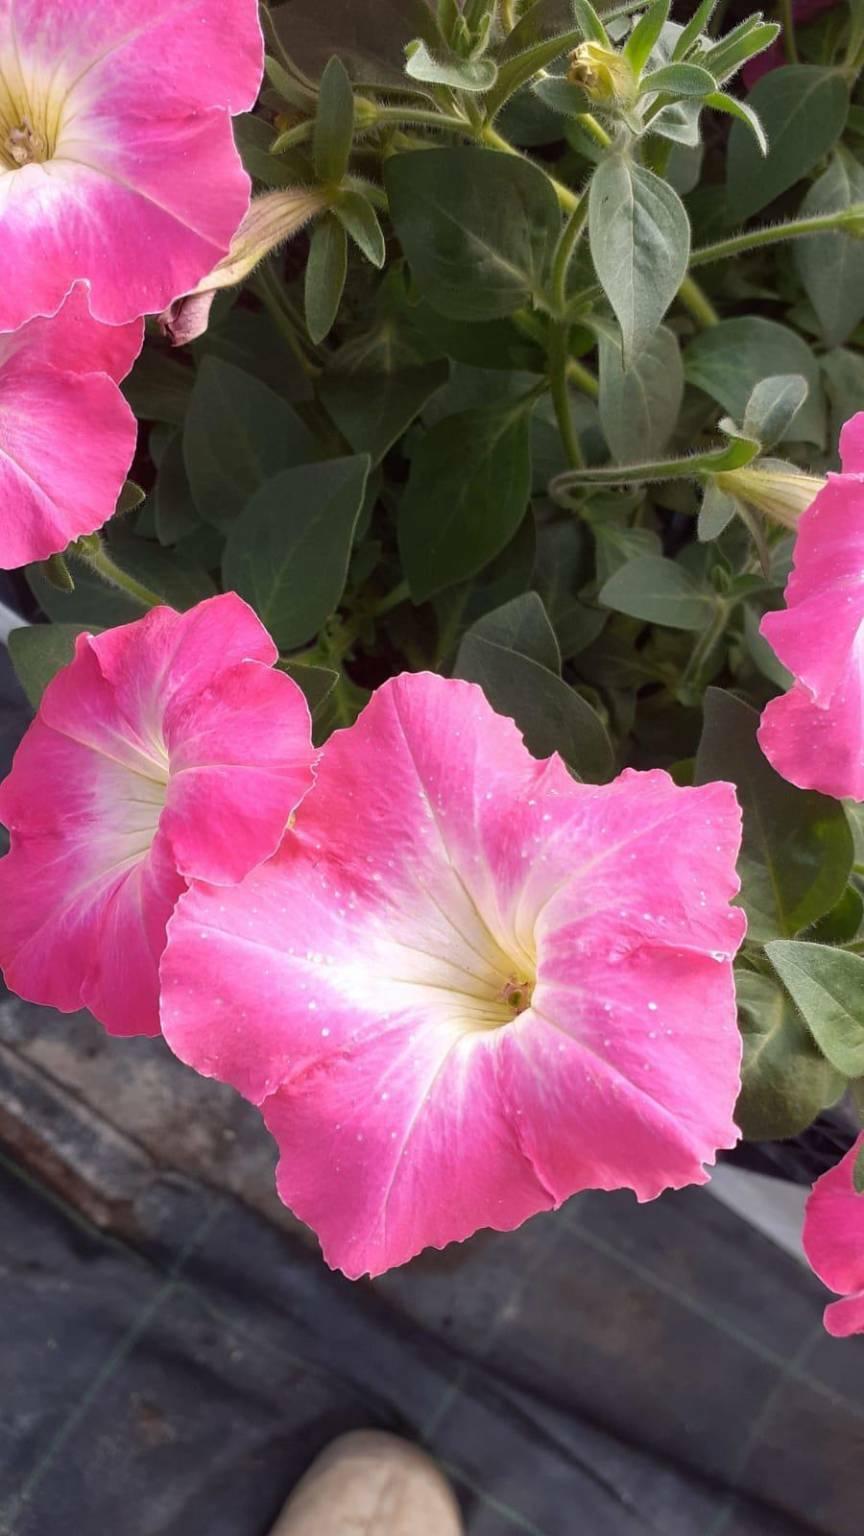 Piante e fiori dall'Associazione Sole che Sorgi alla Casa ...